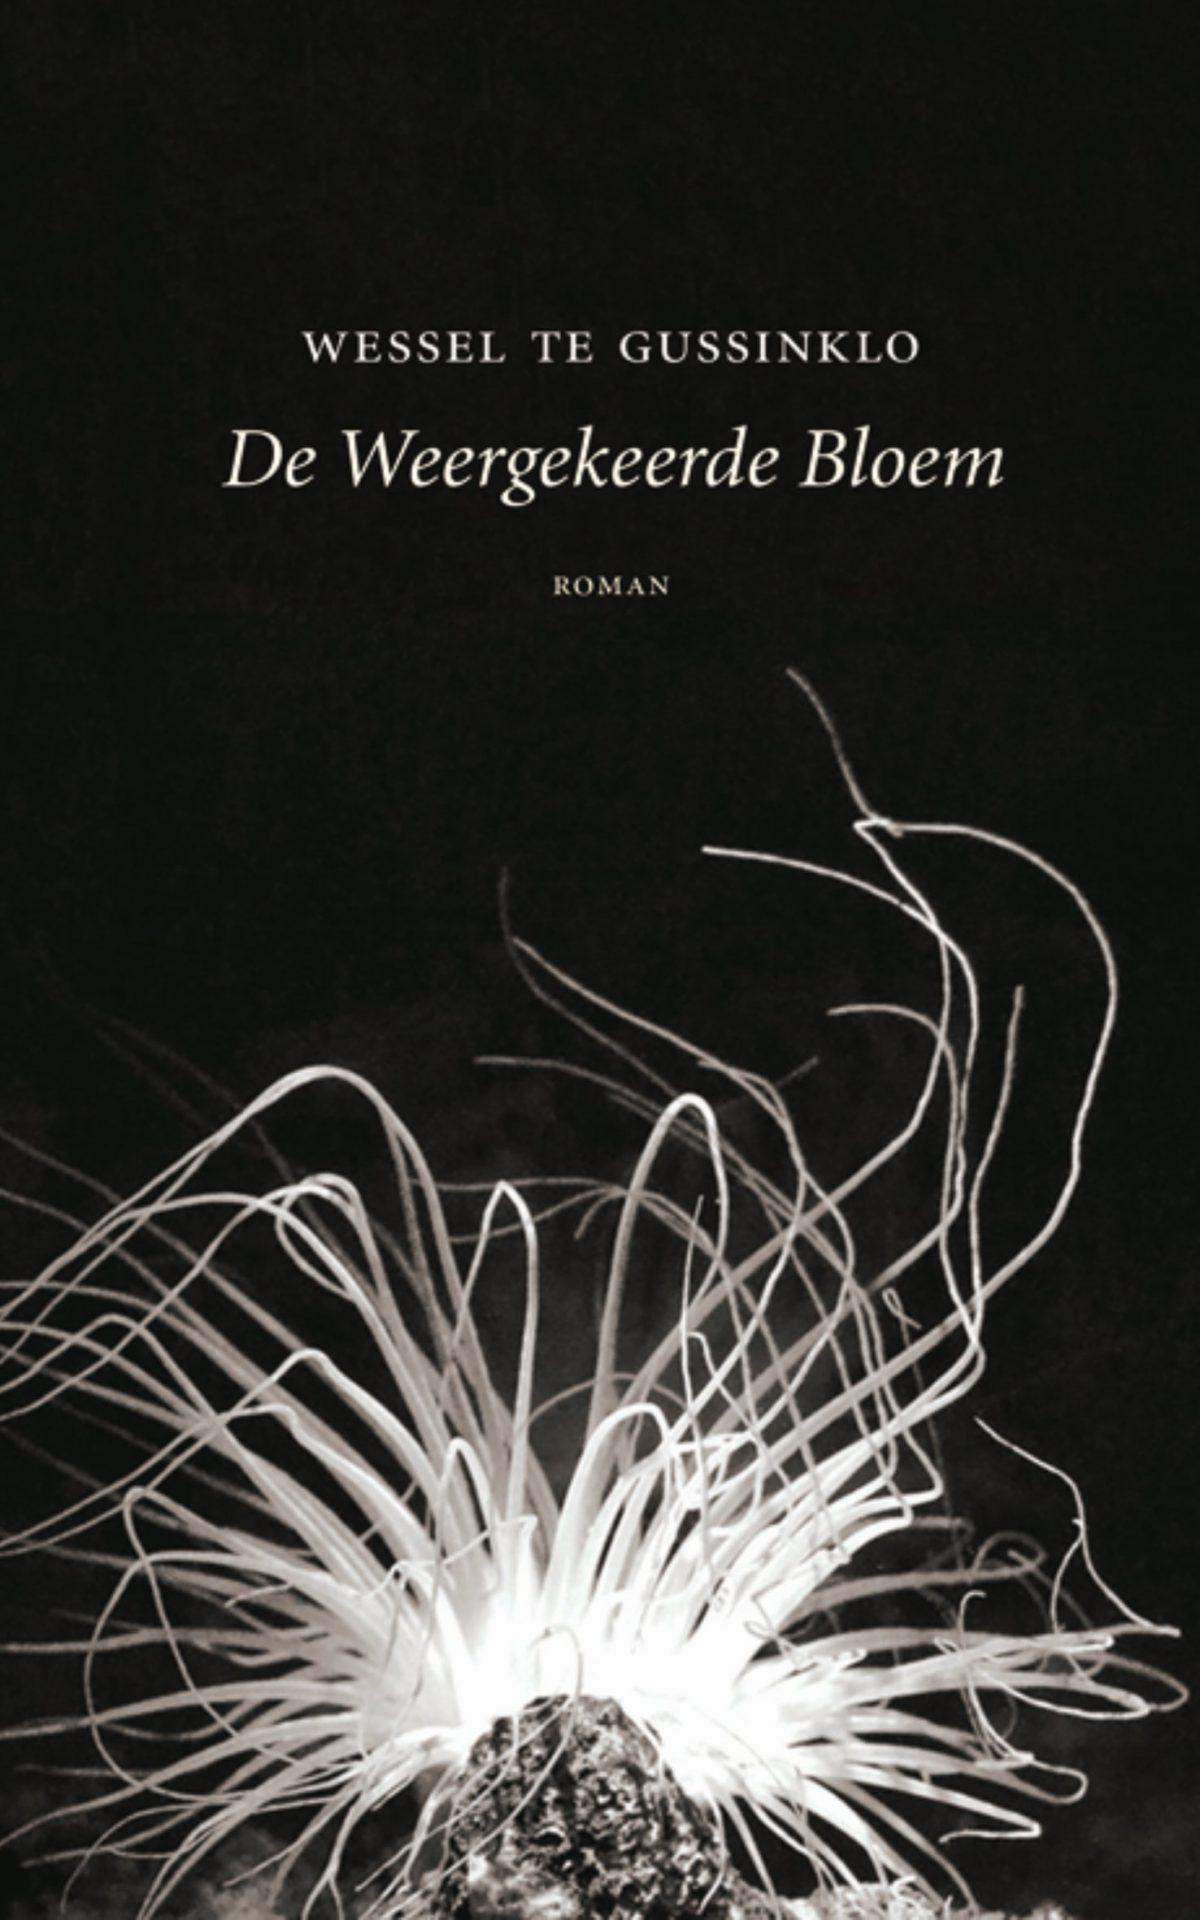 De weergekeerde bloem – Wessel te Gussinklo